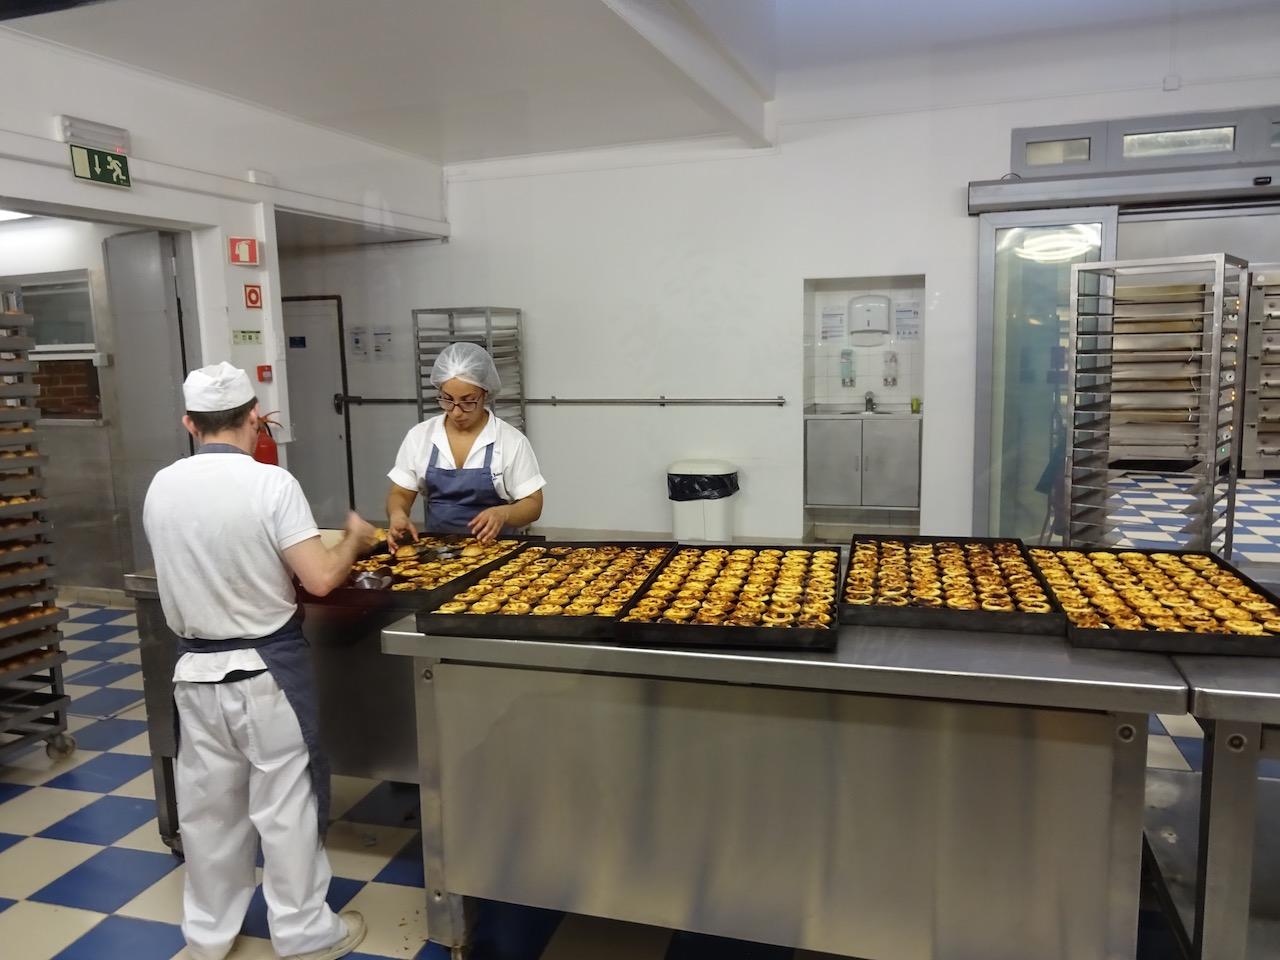 in Belem nennt man die Pastells de Nata nun Pastells de Belem, hergestellt nach einem geheimen Rezept der alten Mönche aus dem Kloster